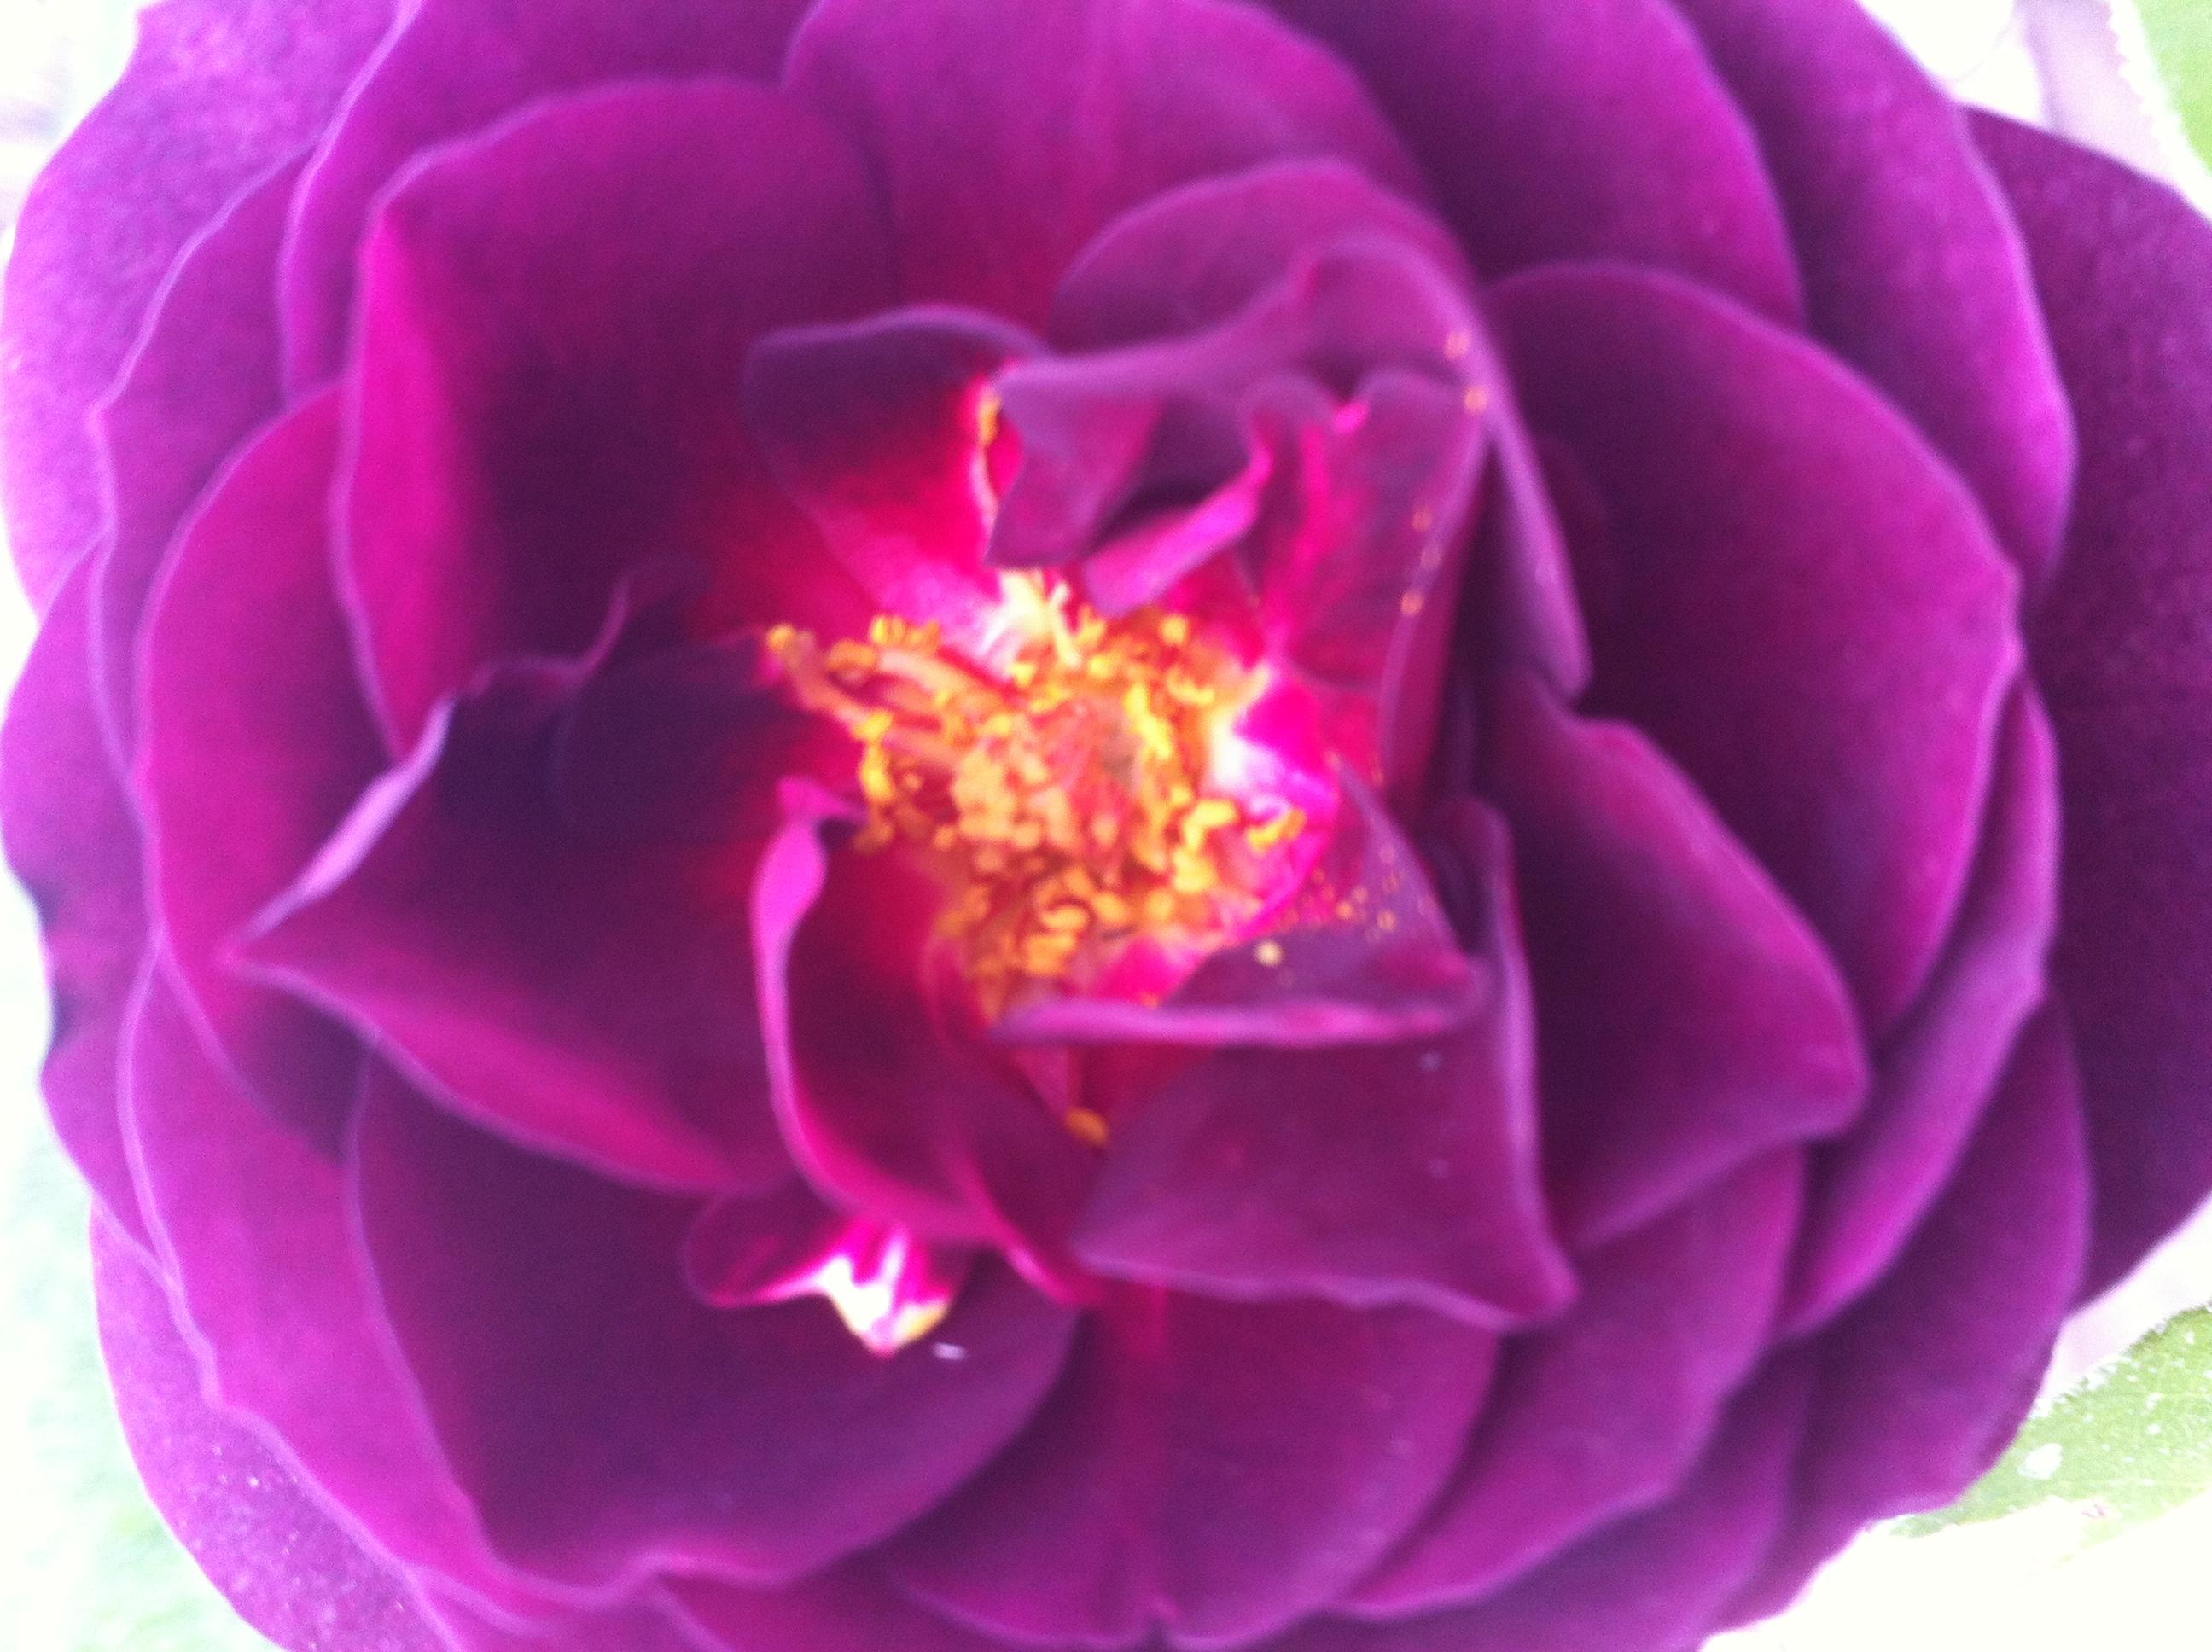 First rose #nofilter #rose #flower #bloom